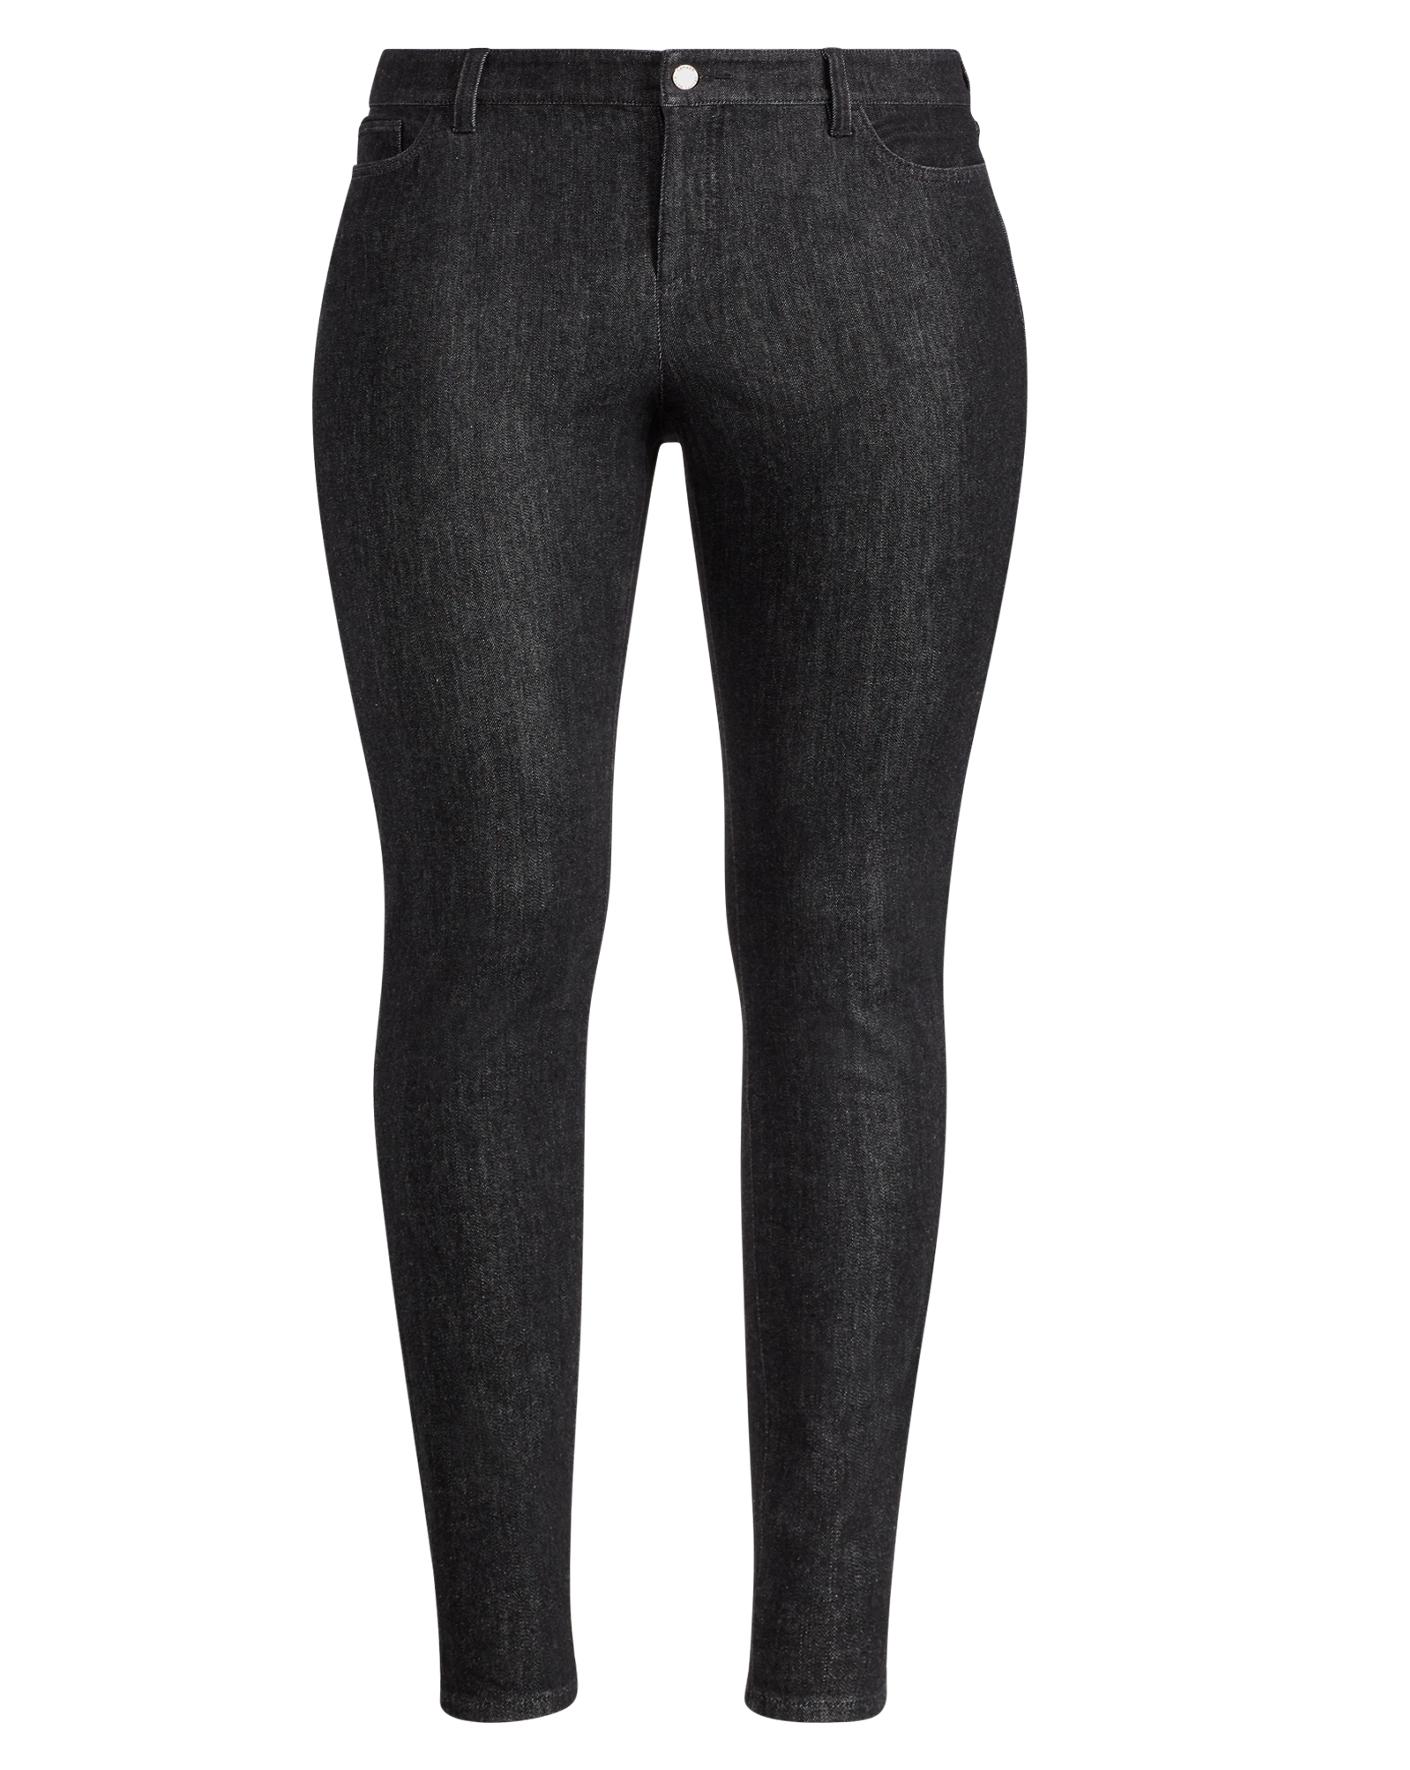 Women's Plus Size Clothing - Dresses, Tops, Pants | Ralph Lauren